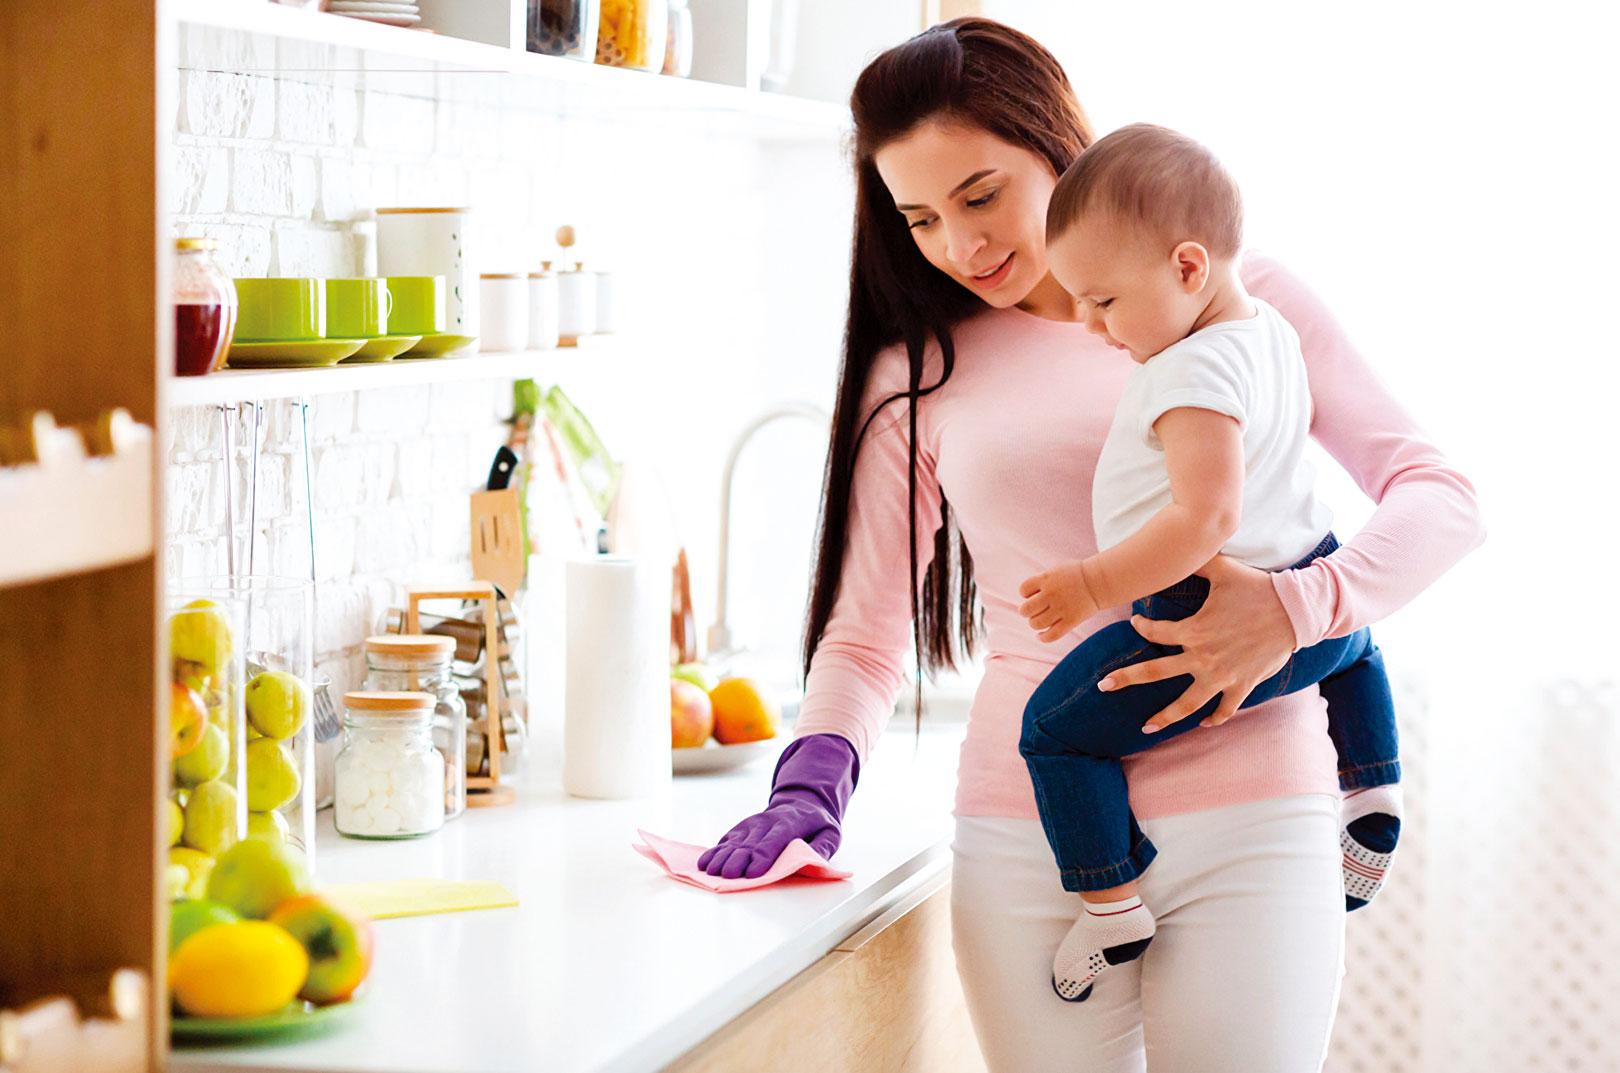 母親必須付出許多時間在孩子身上,勢必會改變生活的型態。